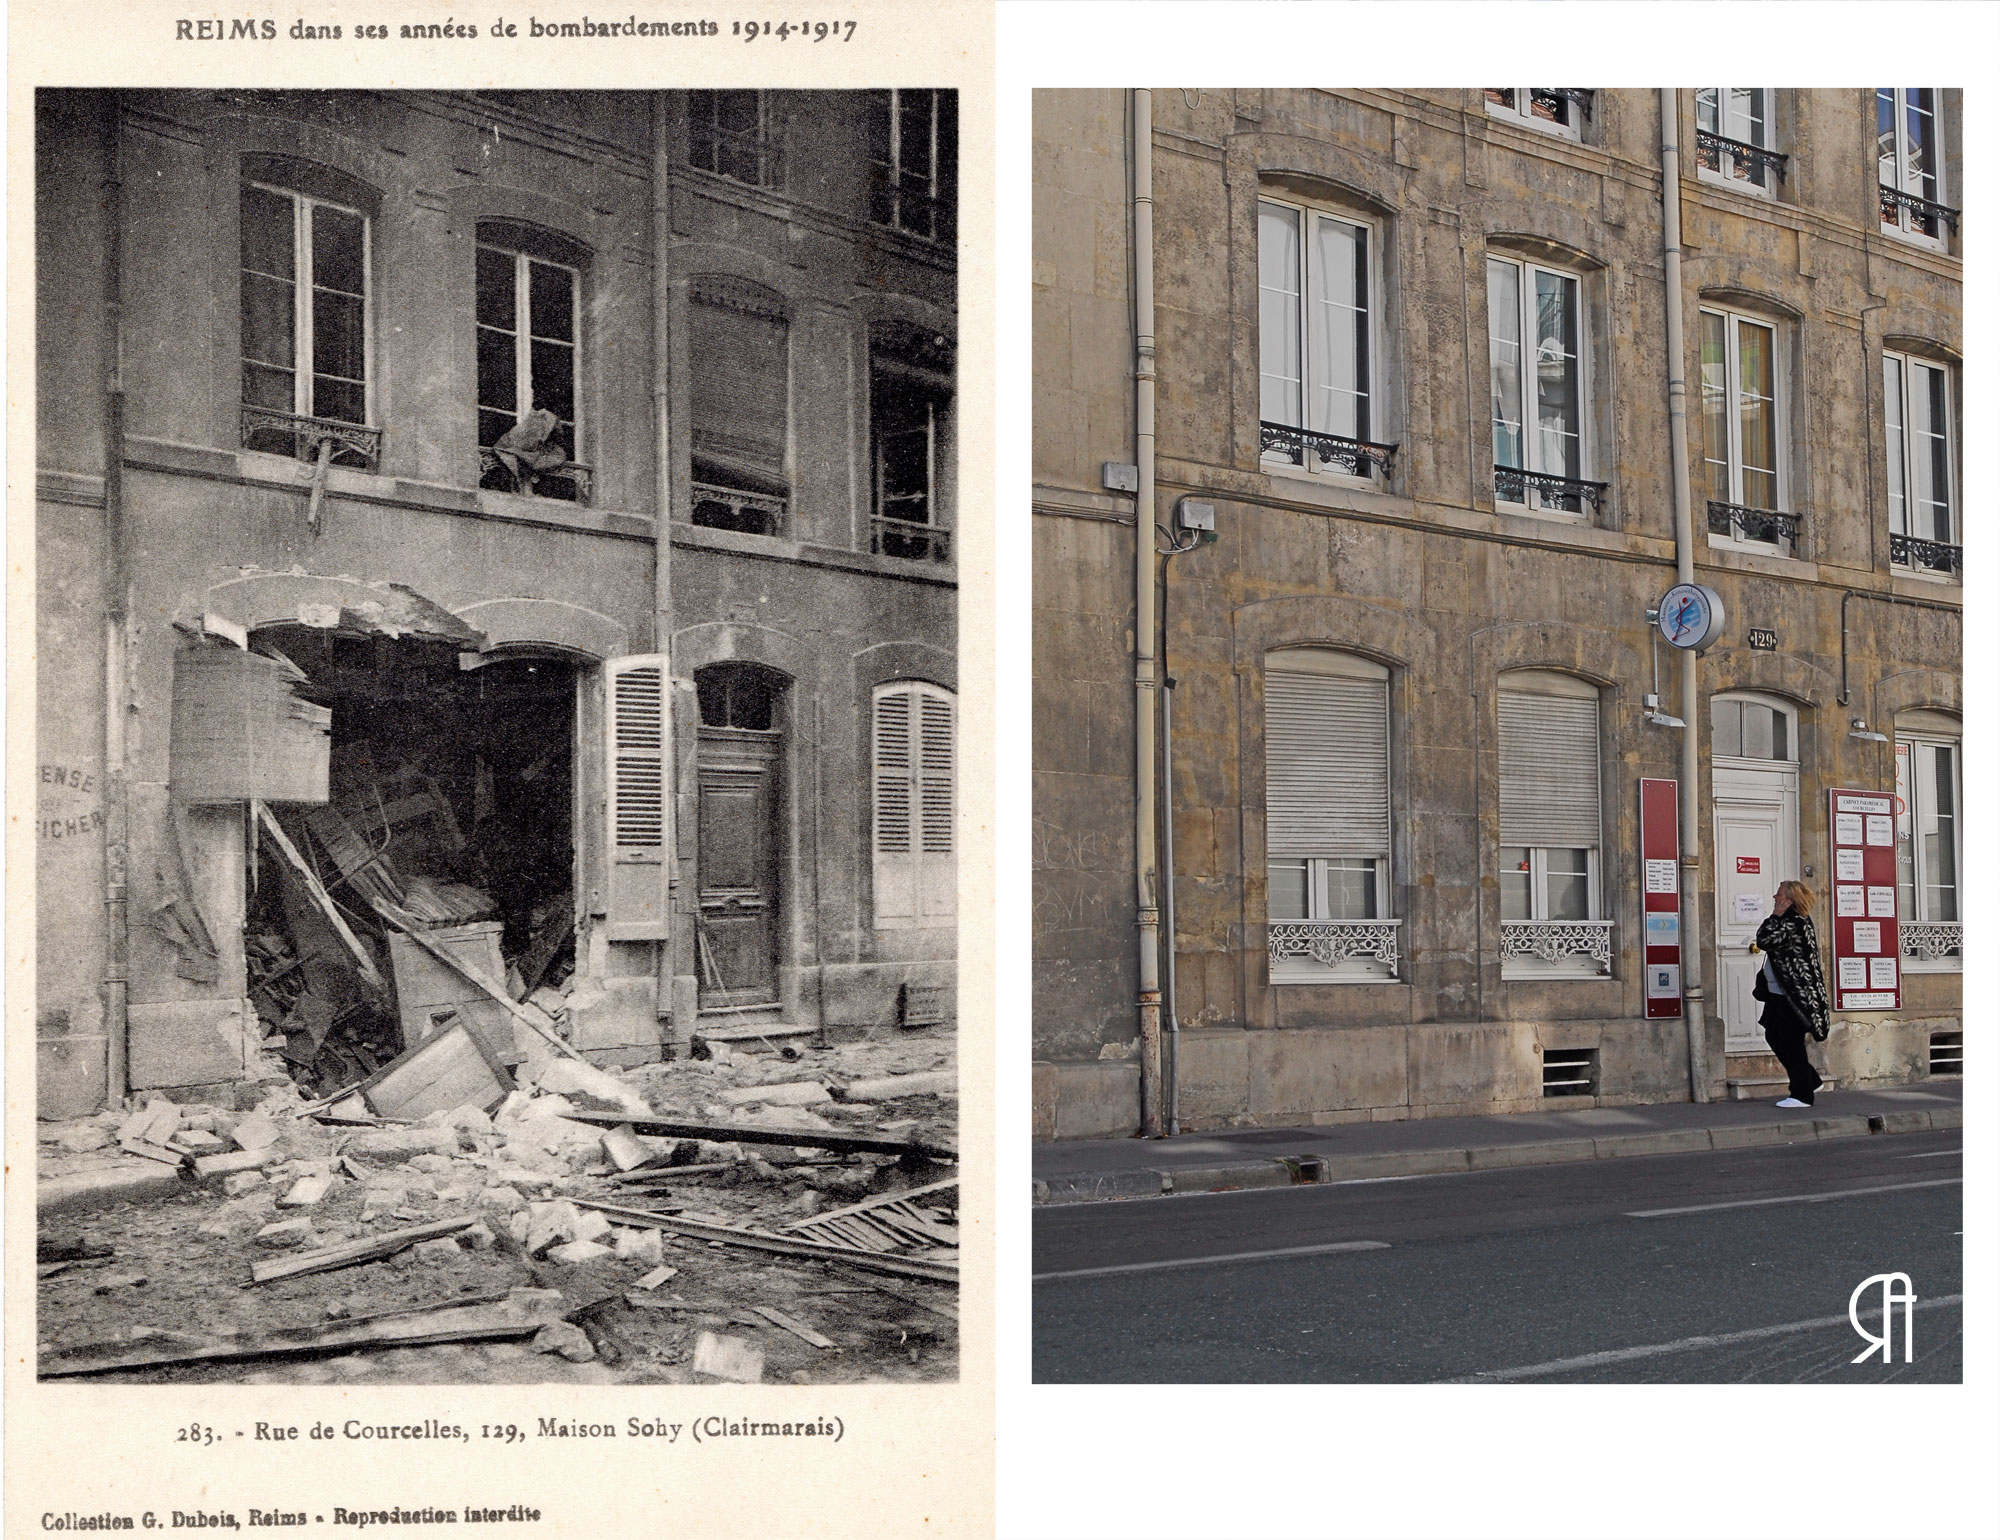 129 rue de Courcelles, Maison Sohy